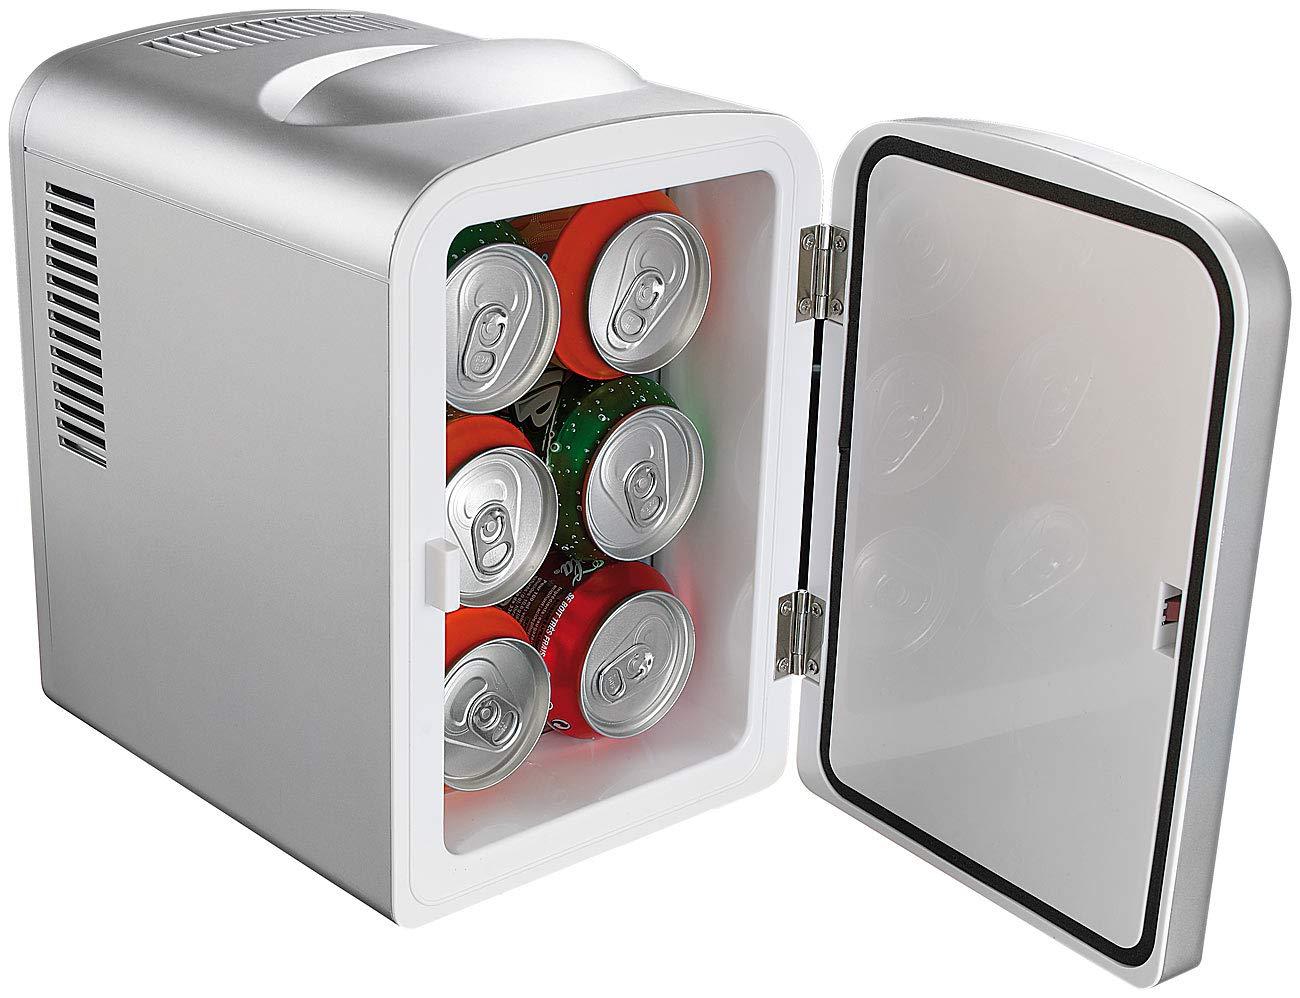 Mini Kühlschrank Für Pc : Rosenstein & söhne mini kühlschrank 12v: mobiler mini kühlschrank